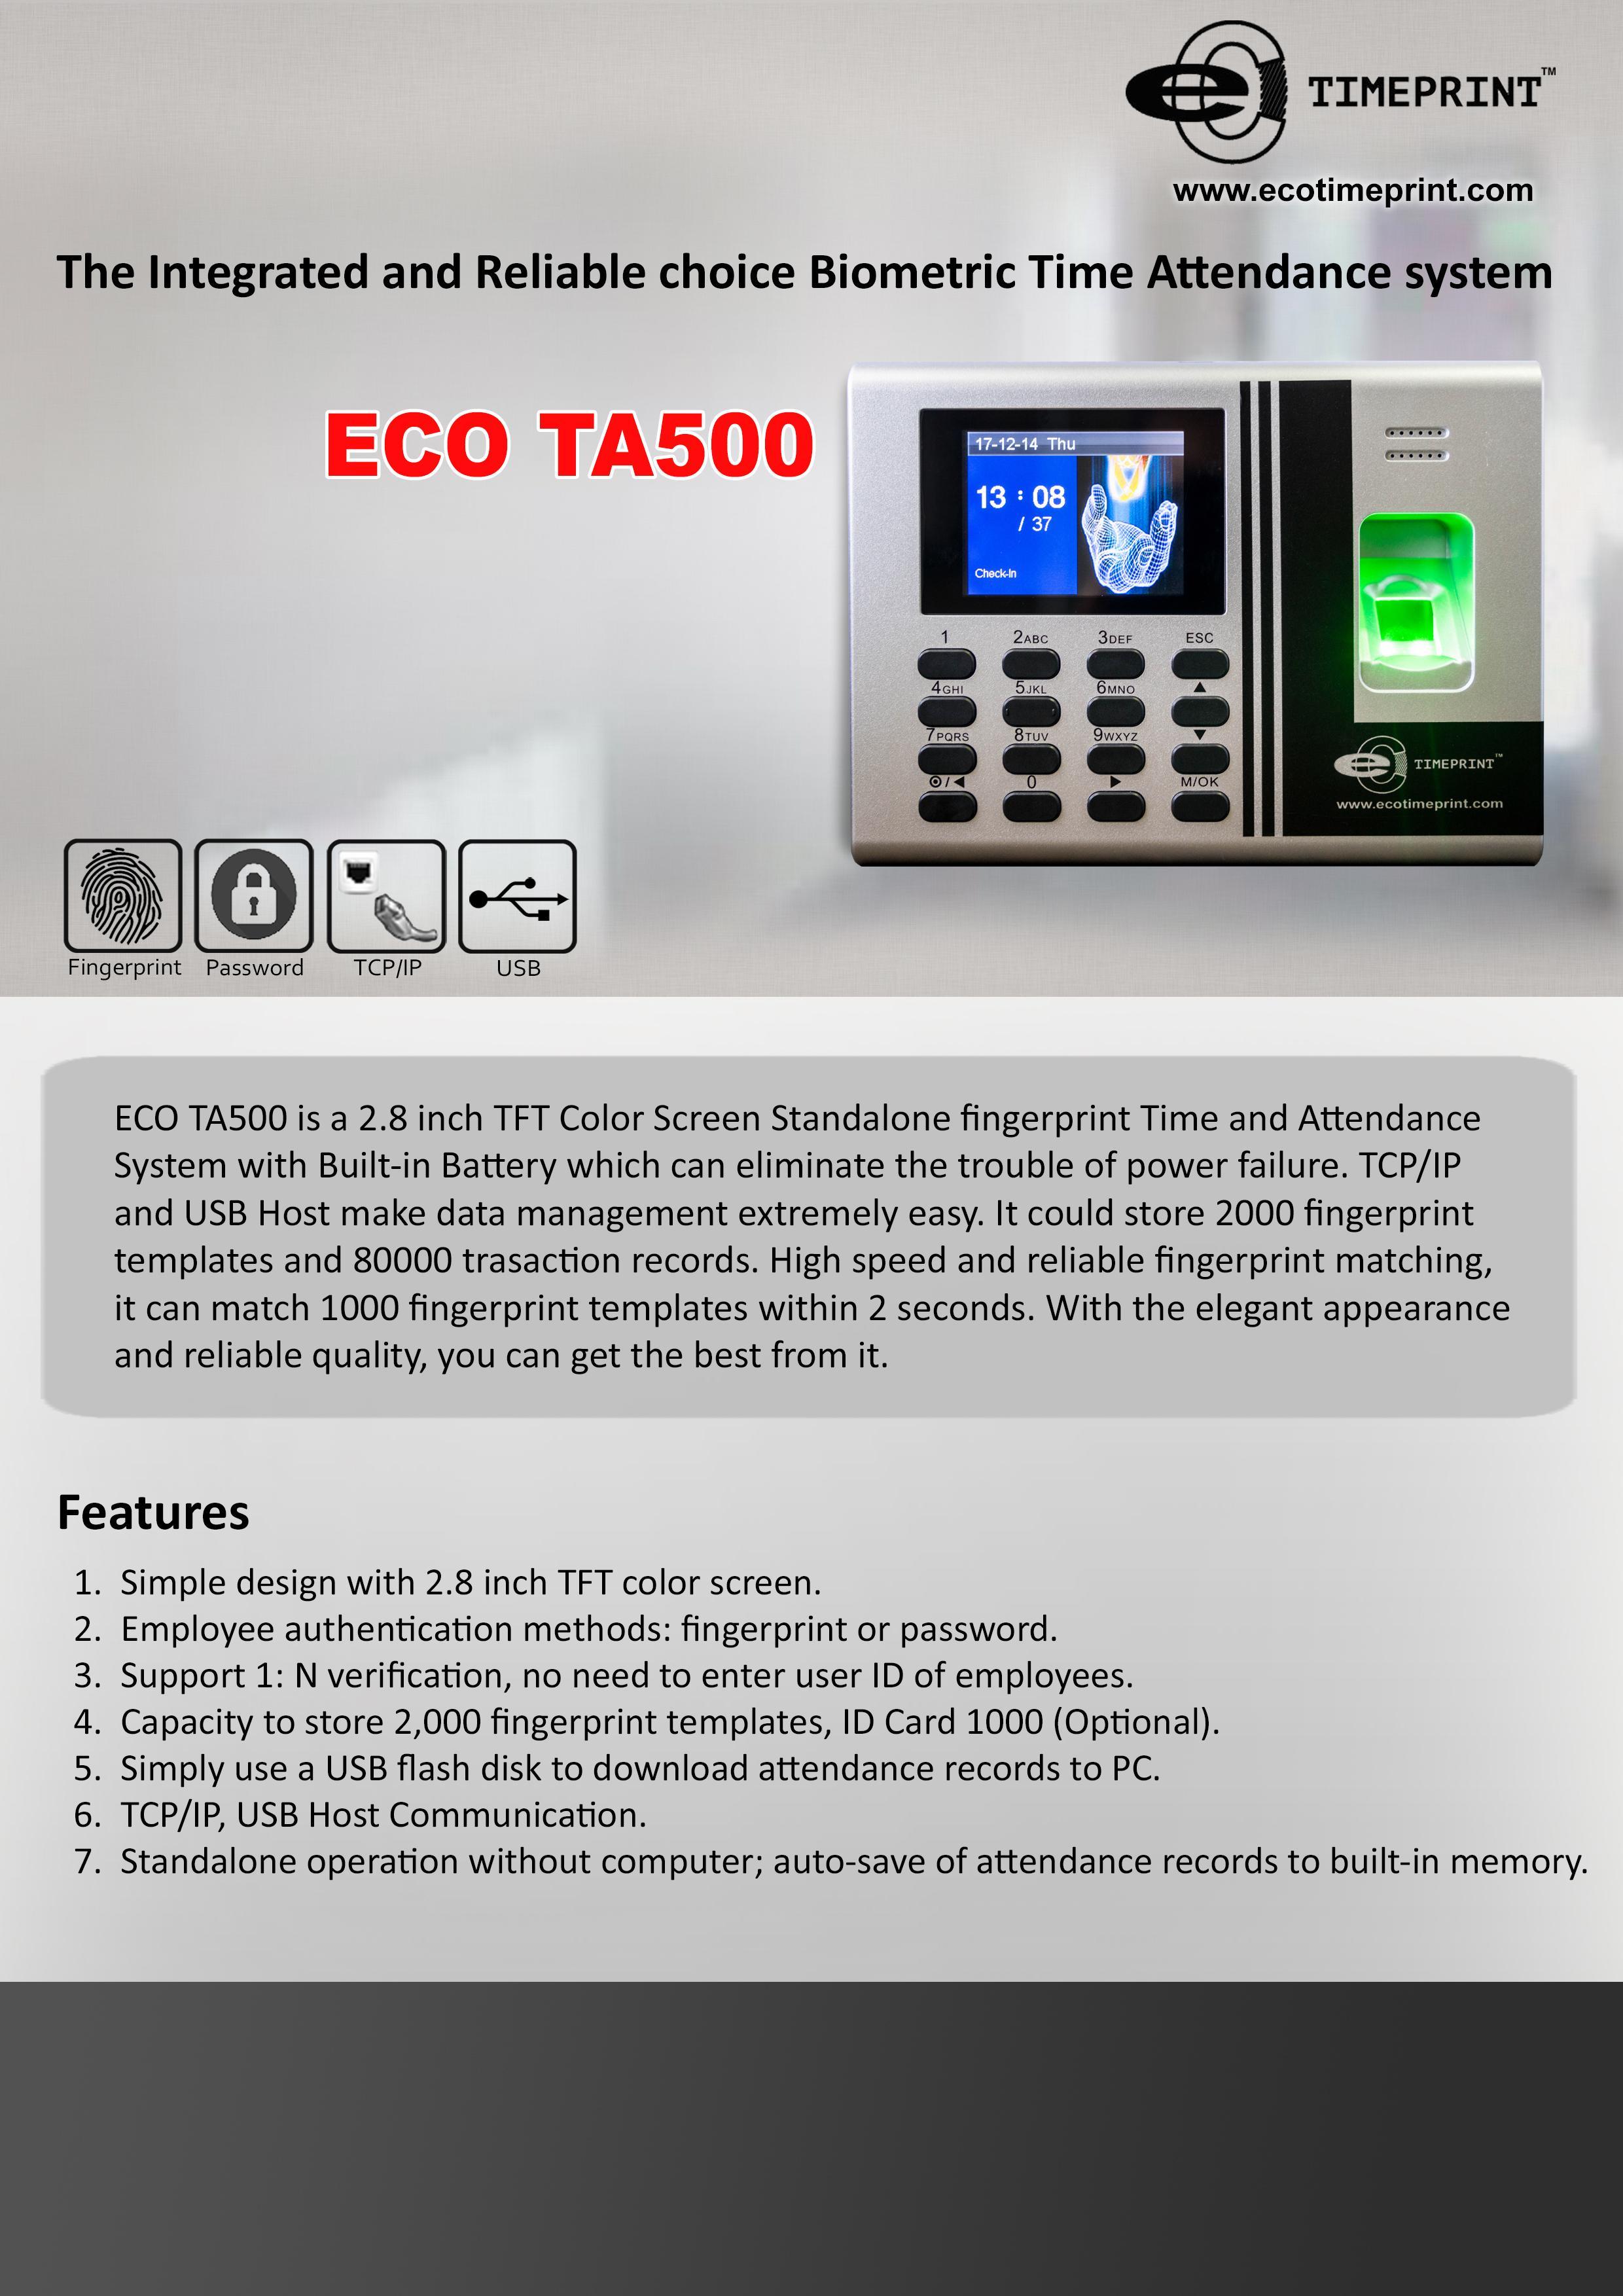 ECO TA500